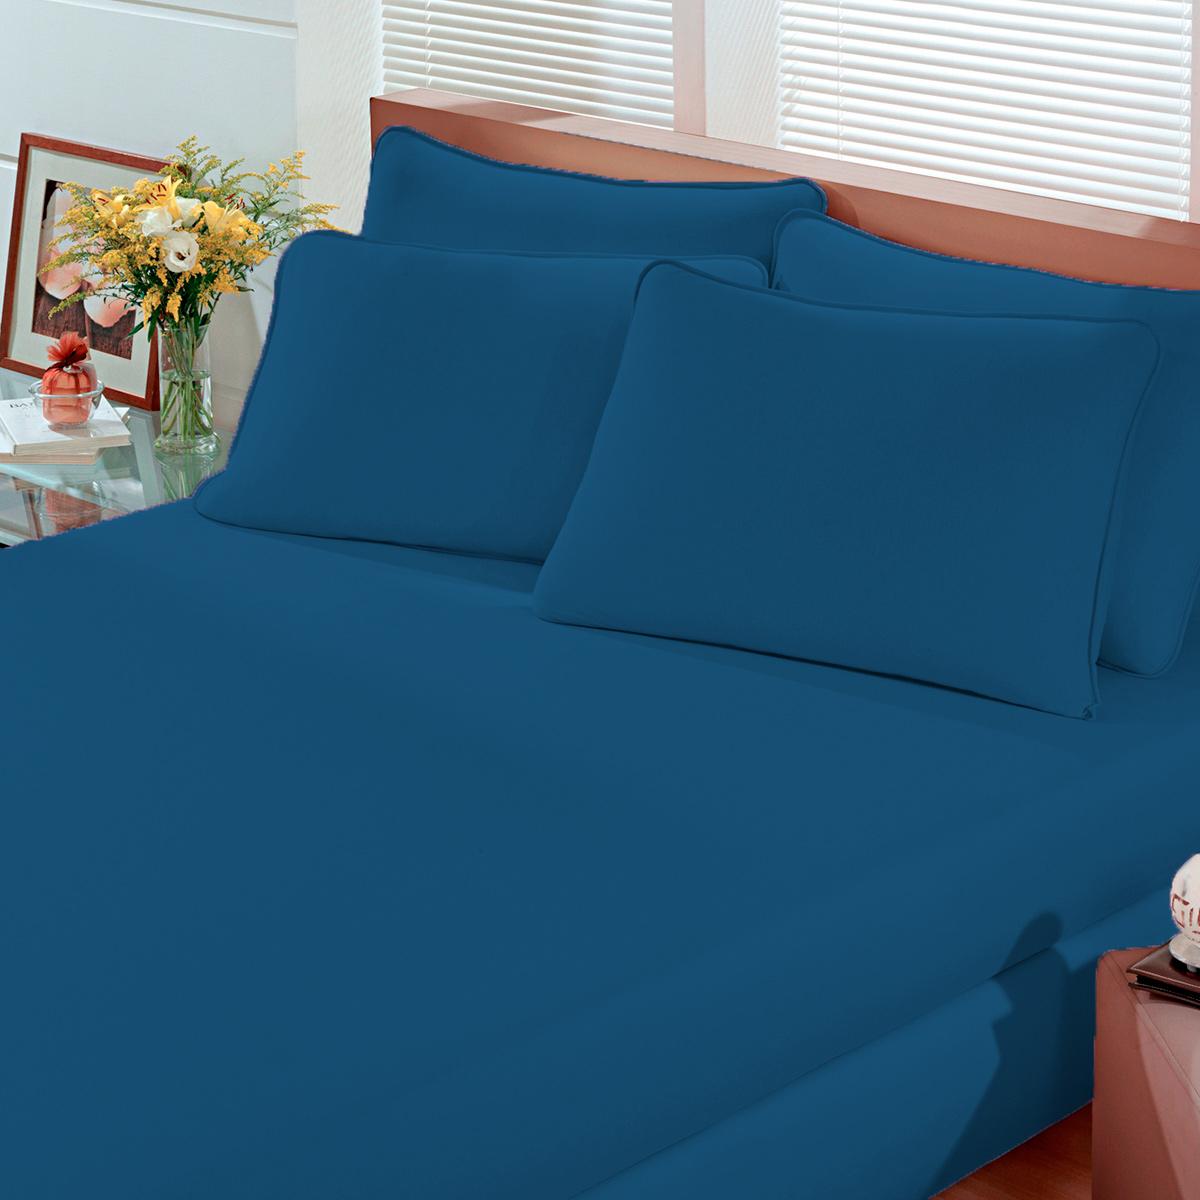 Lençol Avulso Solteiro Malha Com Elastico Azul Bouton